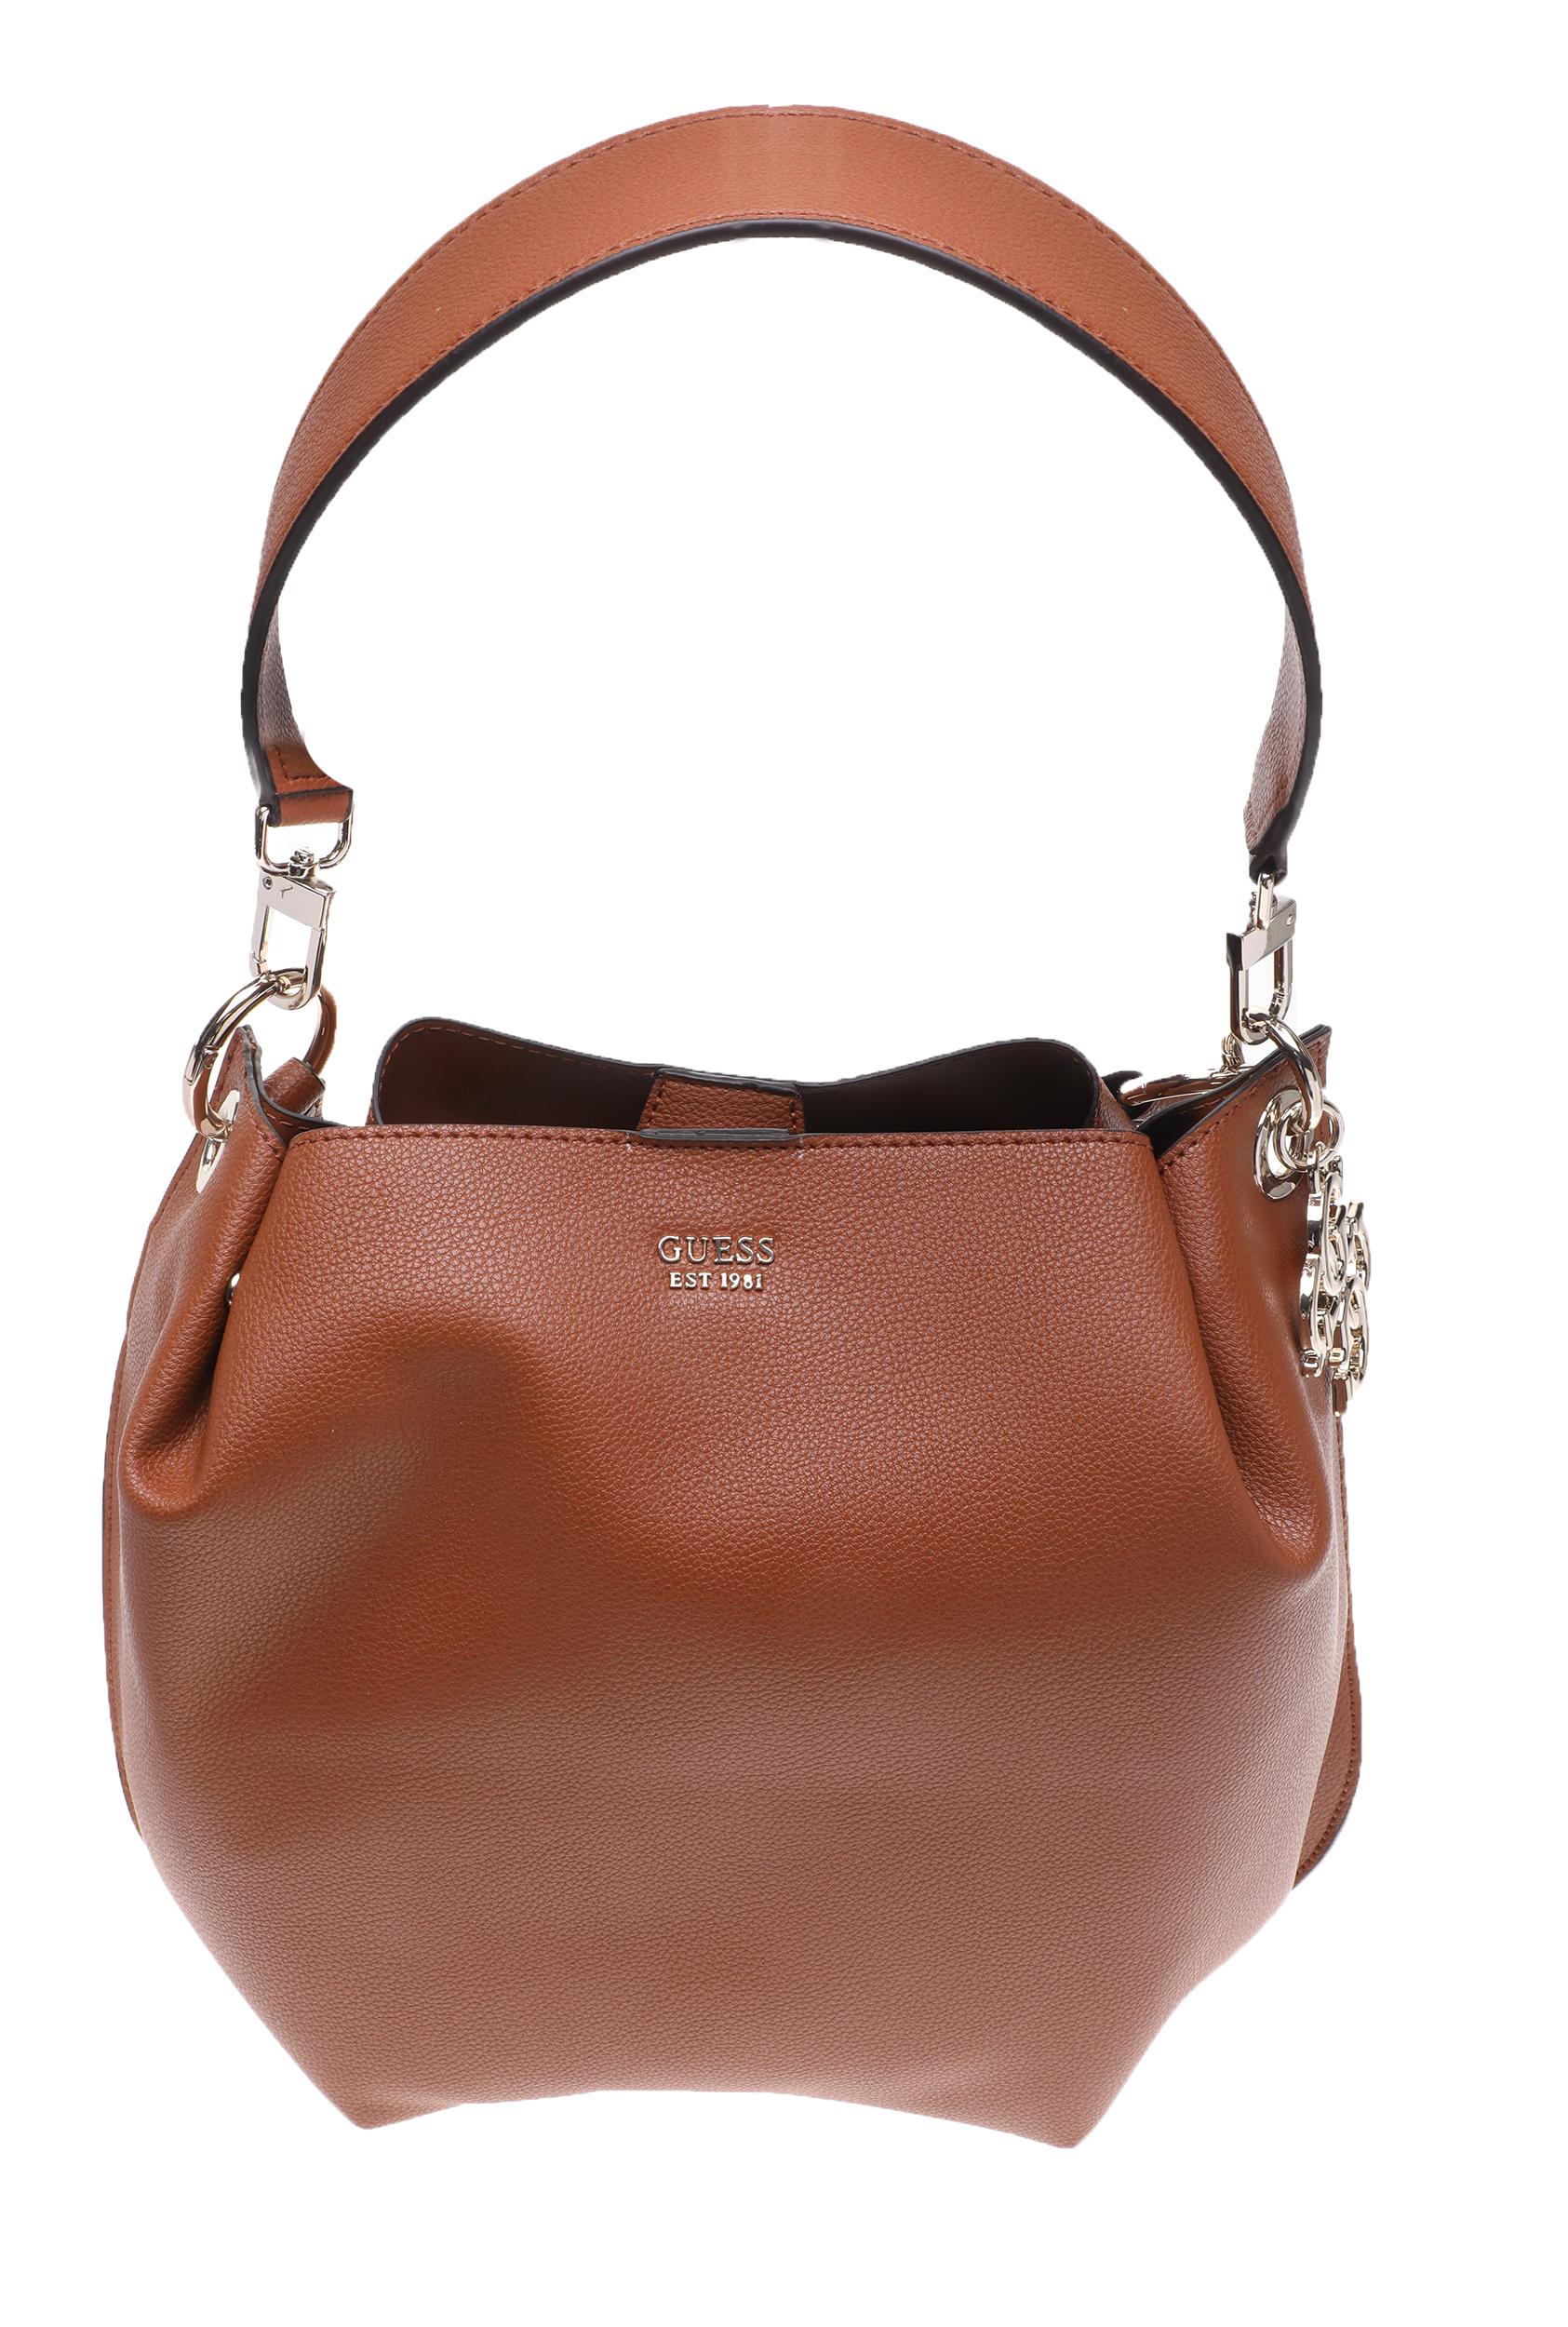 GUESS - Γυναικεία τσάντα ώμου GUESS DIGITAL HOBO καφέ γυναικεία αξεσουάρ τσάντες σακίδια χειρός